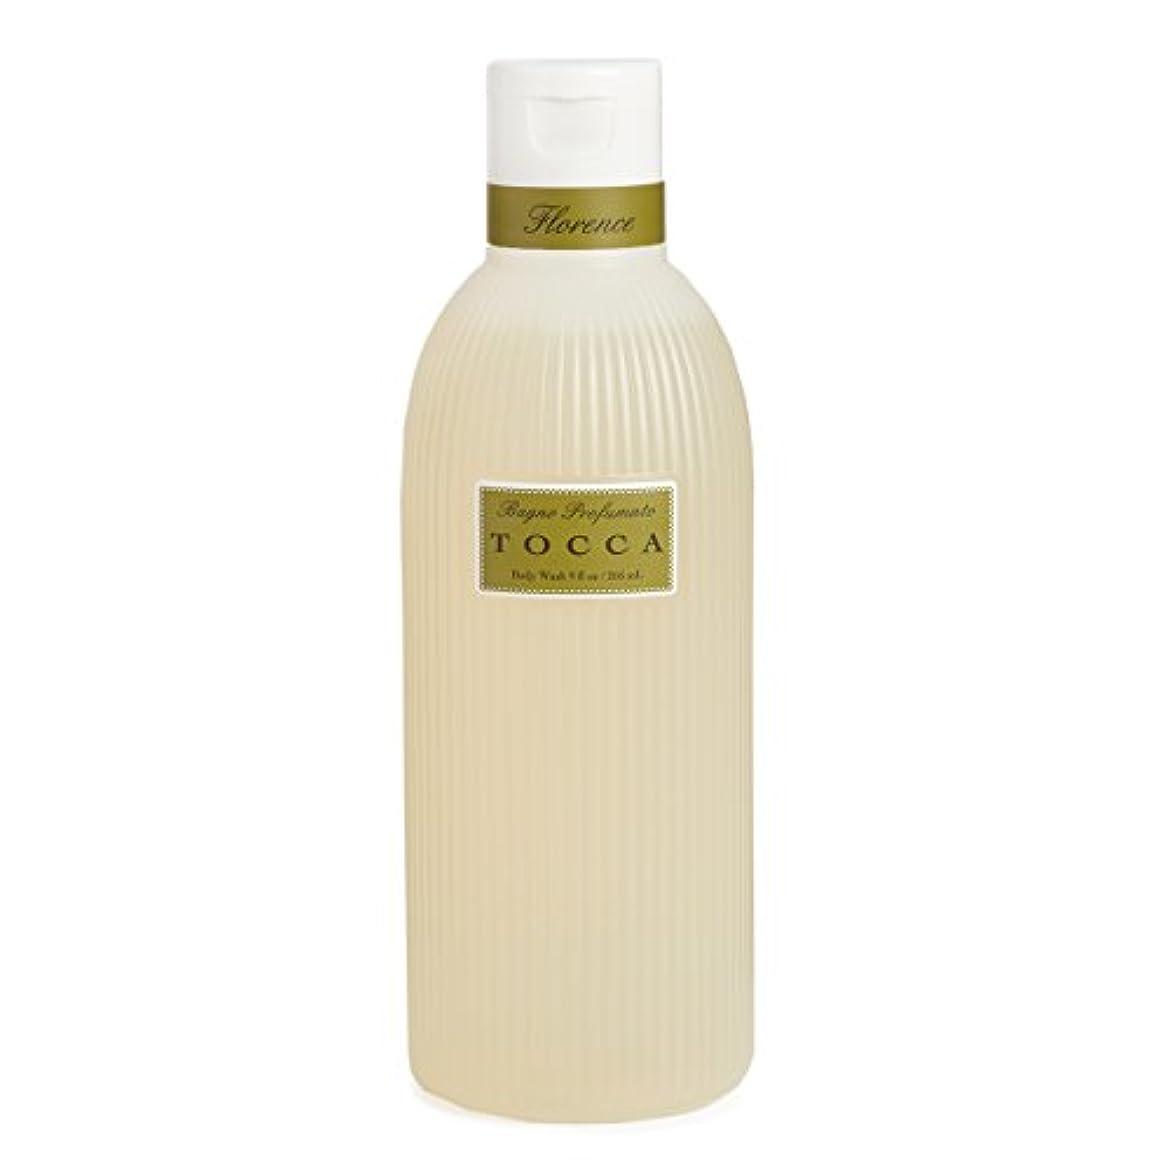 それるがんばり続けるかろうじてトッカ(TOCCA) ボディーケアウォッシュ フローレンスの香り 266ml(全身用洗浄料 ボディーソープ ガーデニアとベルガモットが誘うように溶け合うどこまでも上品なフローラルの香り)